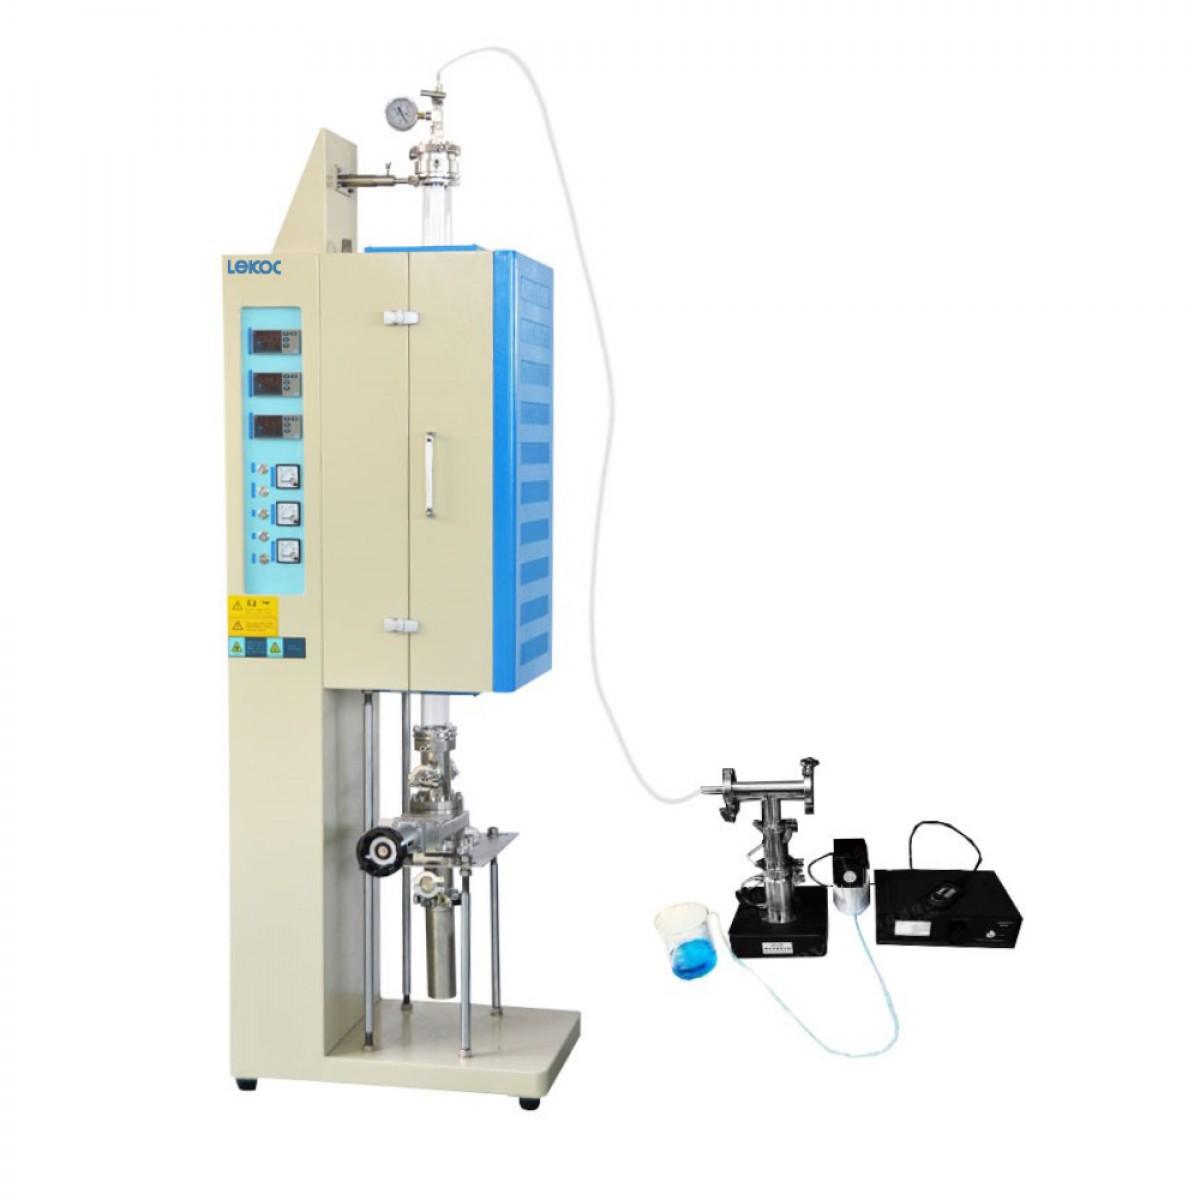 乐克严选 LEKOC VTL1200-1200-1200超声雾化和连续收集热分解立式炉